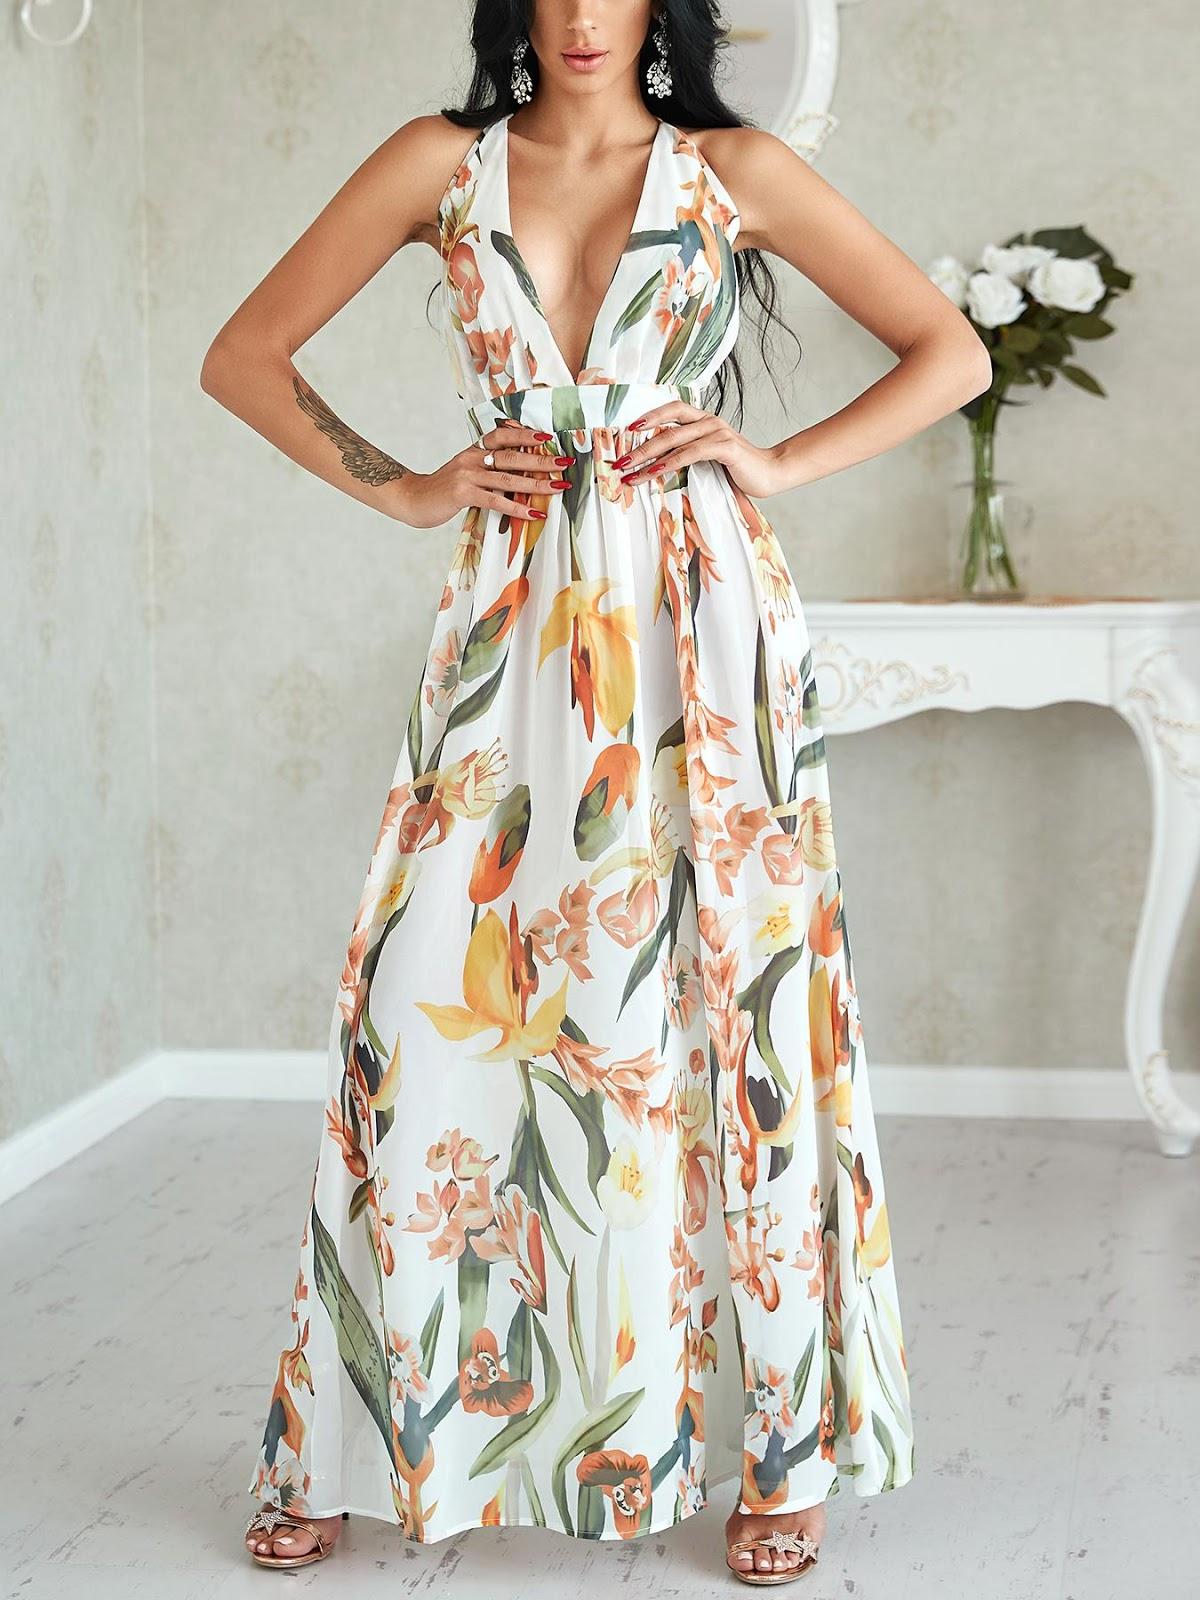 Floral Deep V Neck Backless Maxi Dress 02